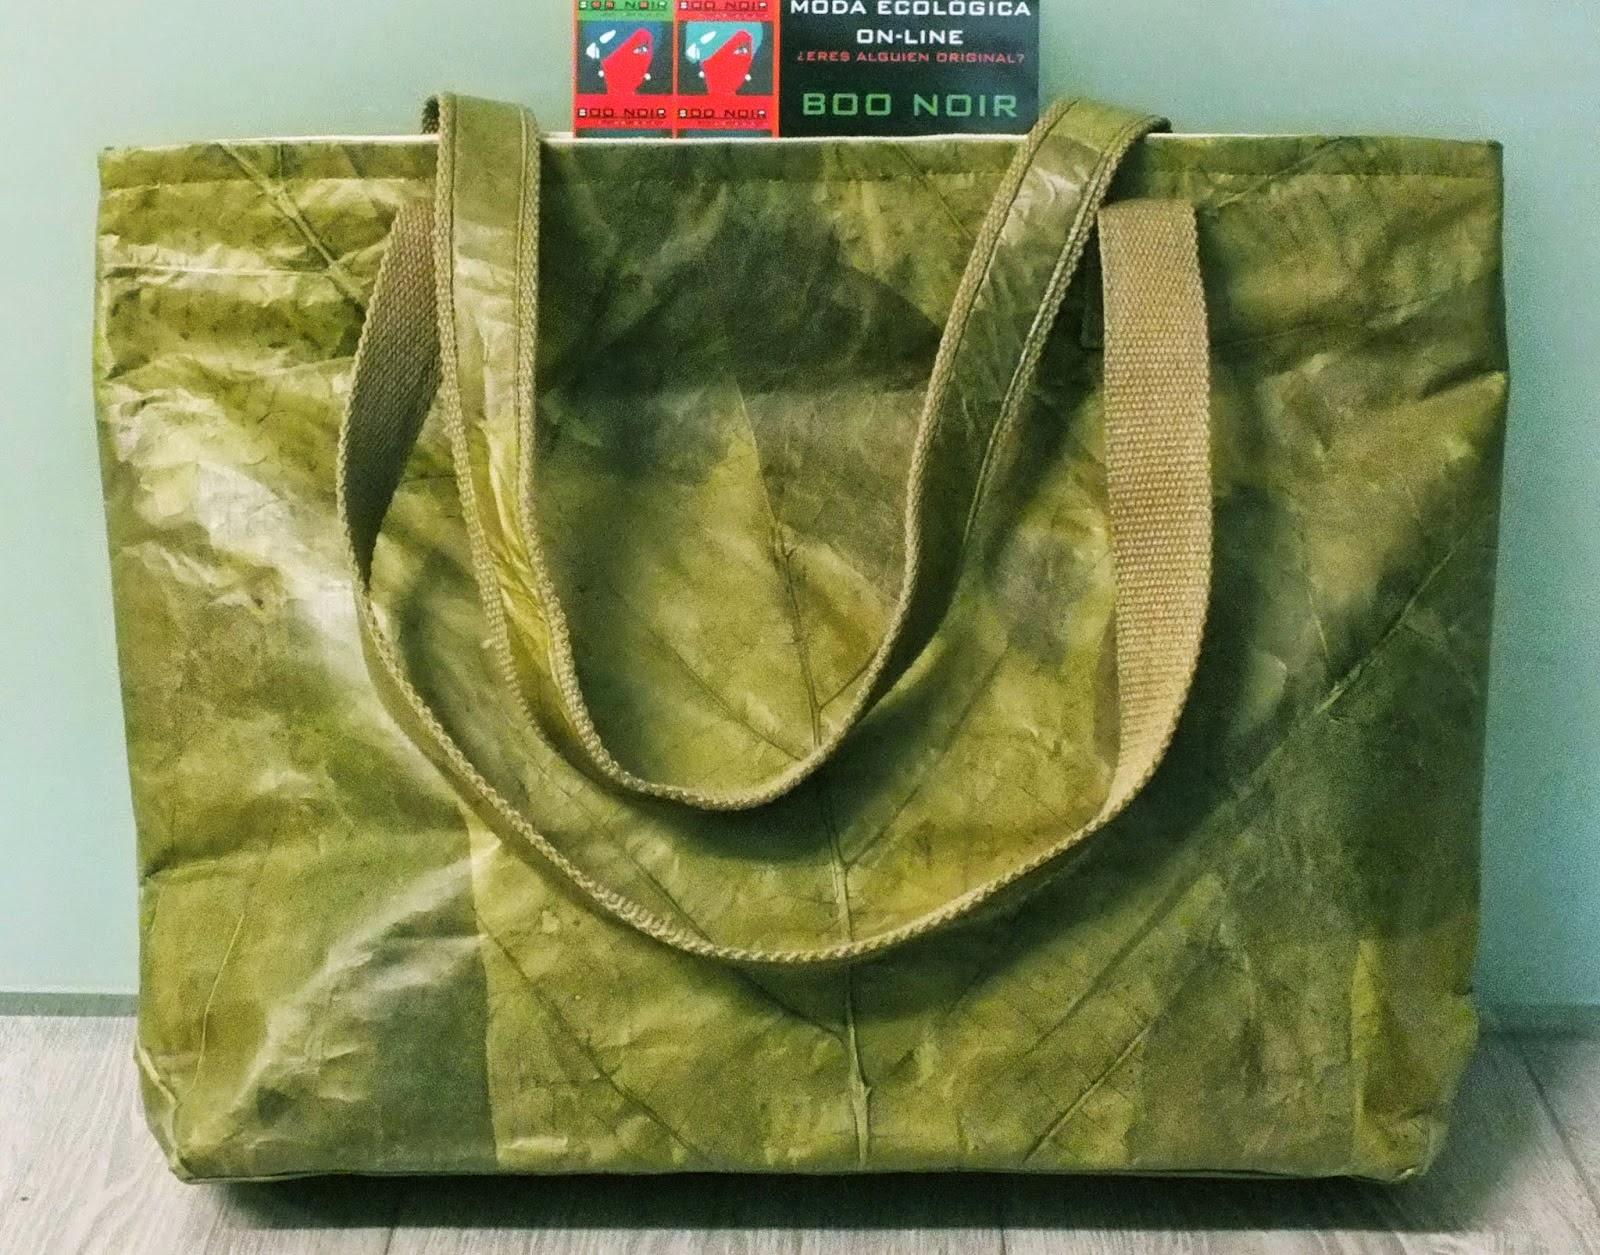 ropa ecologica bolsos  de hojas